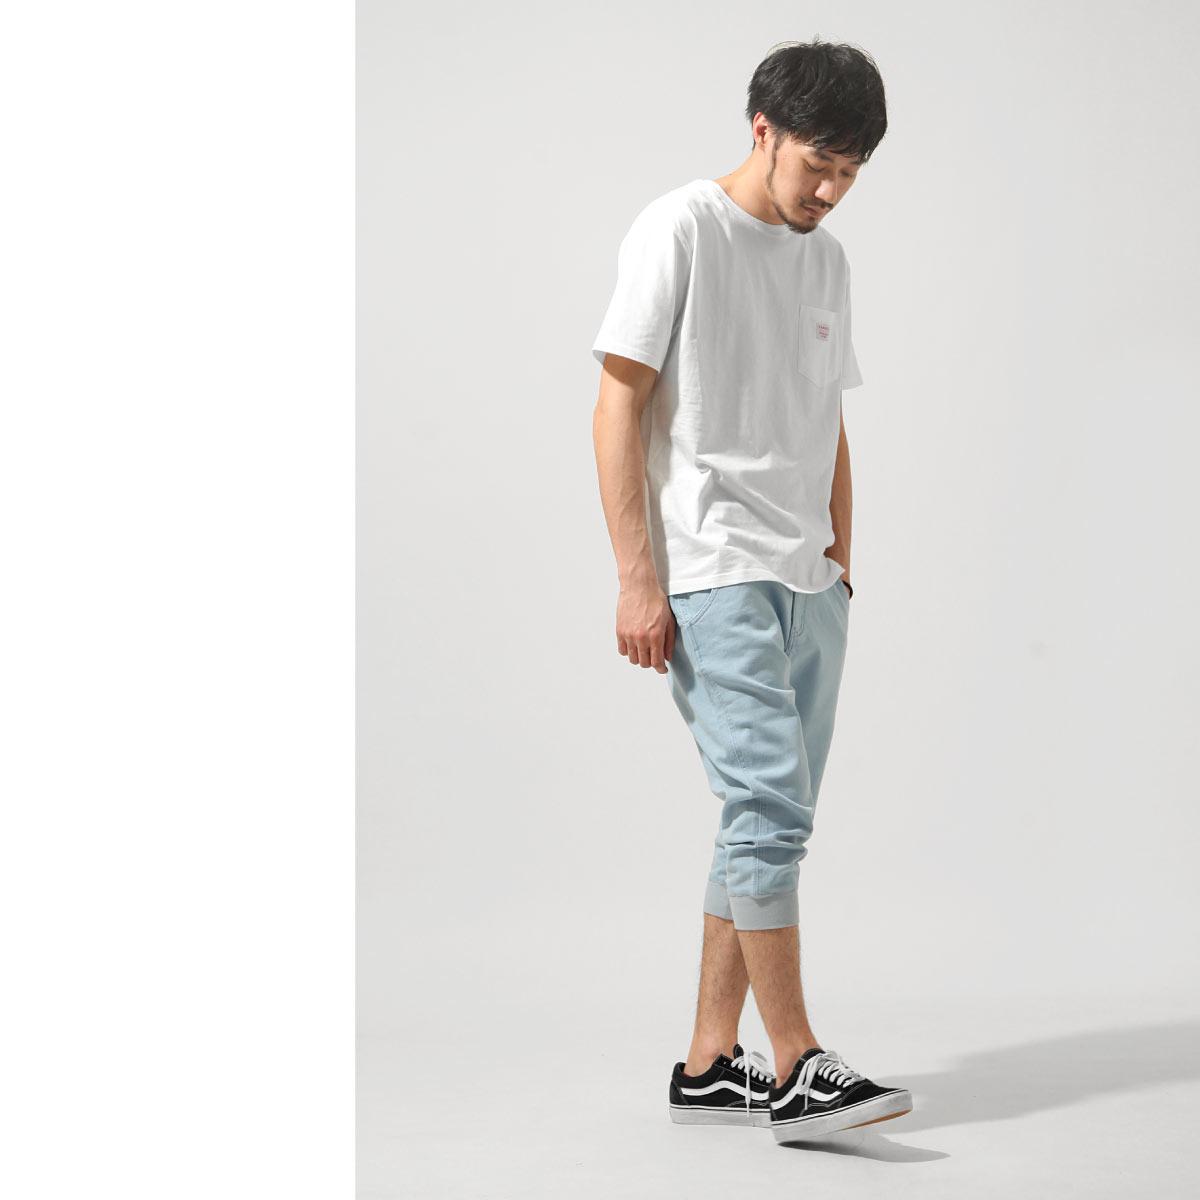 【New】KANGOL 七分縮口褲 2